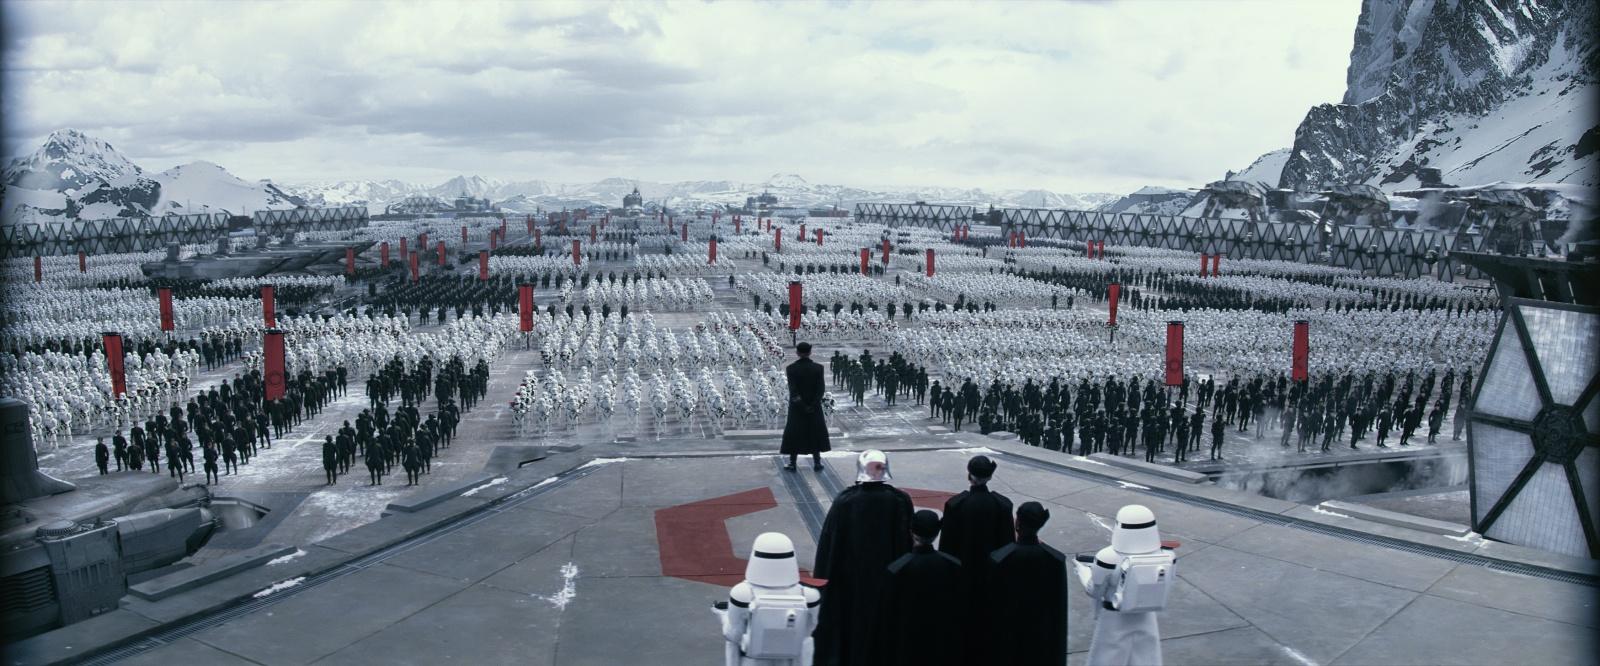 [Lucasfilm] Star Wars : Le Réveil de la Force (2015) 47023399w6